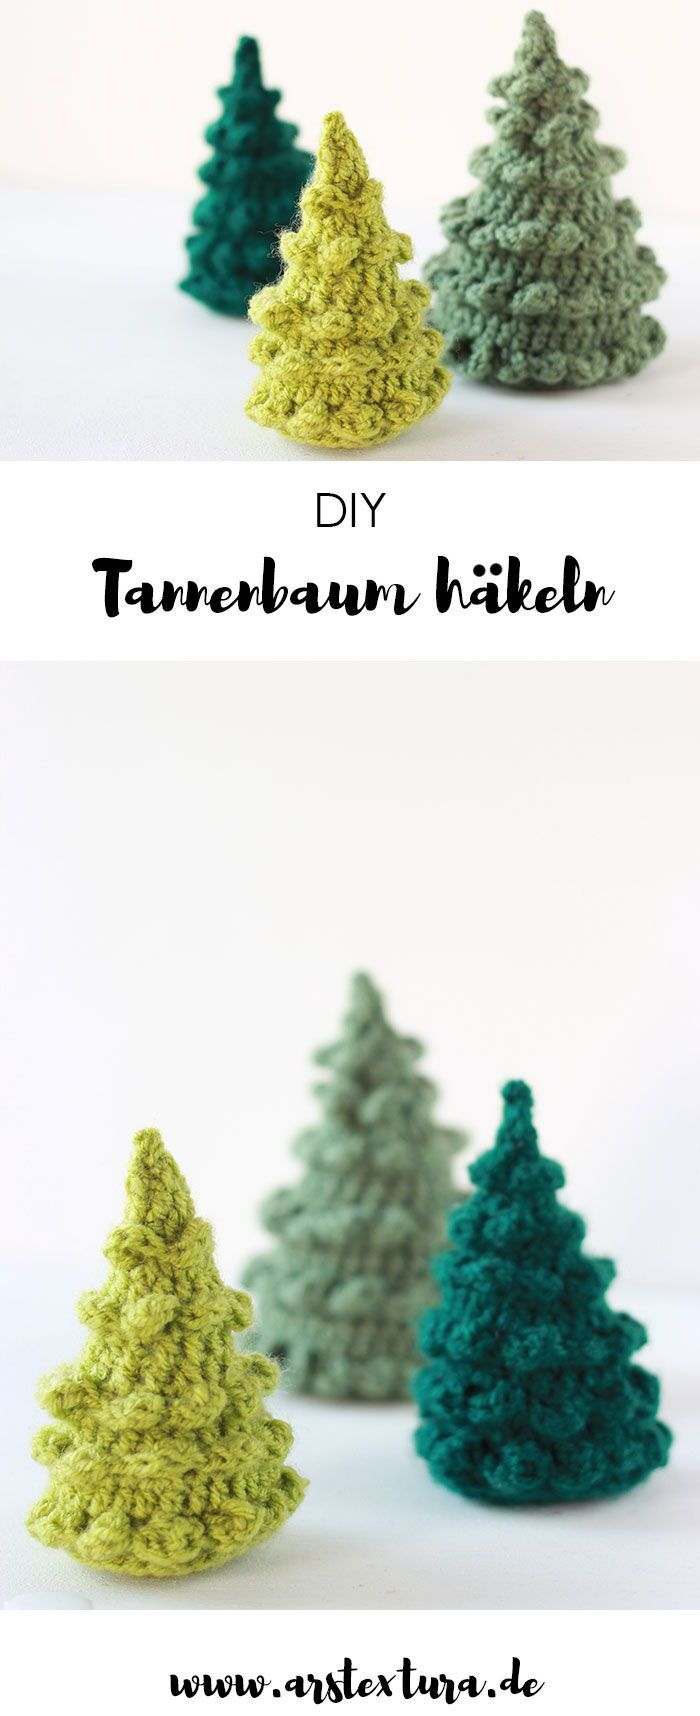 * 12 * Tannenbäumchen häkeln | ars textura – DIY-Blog